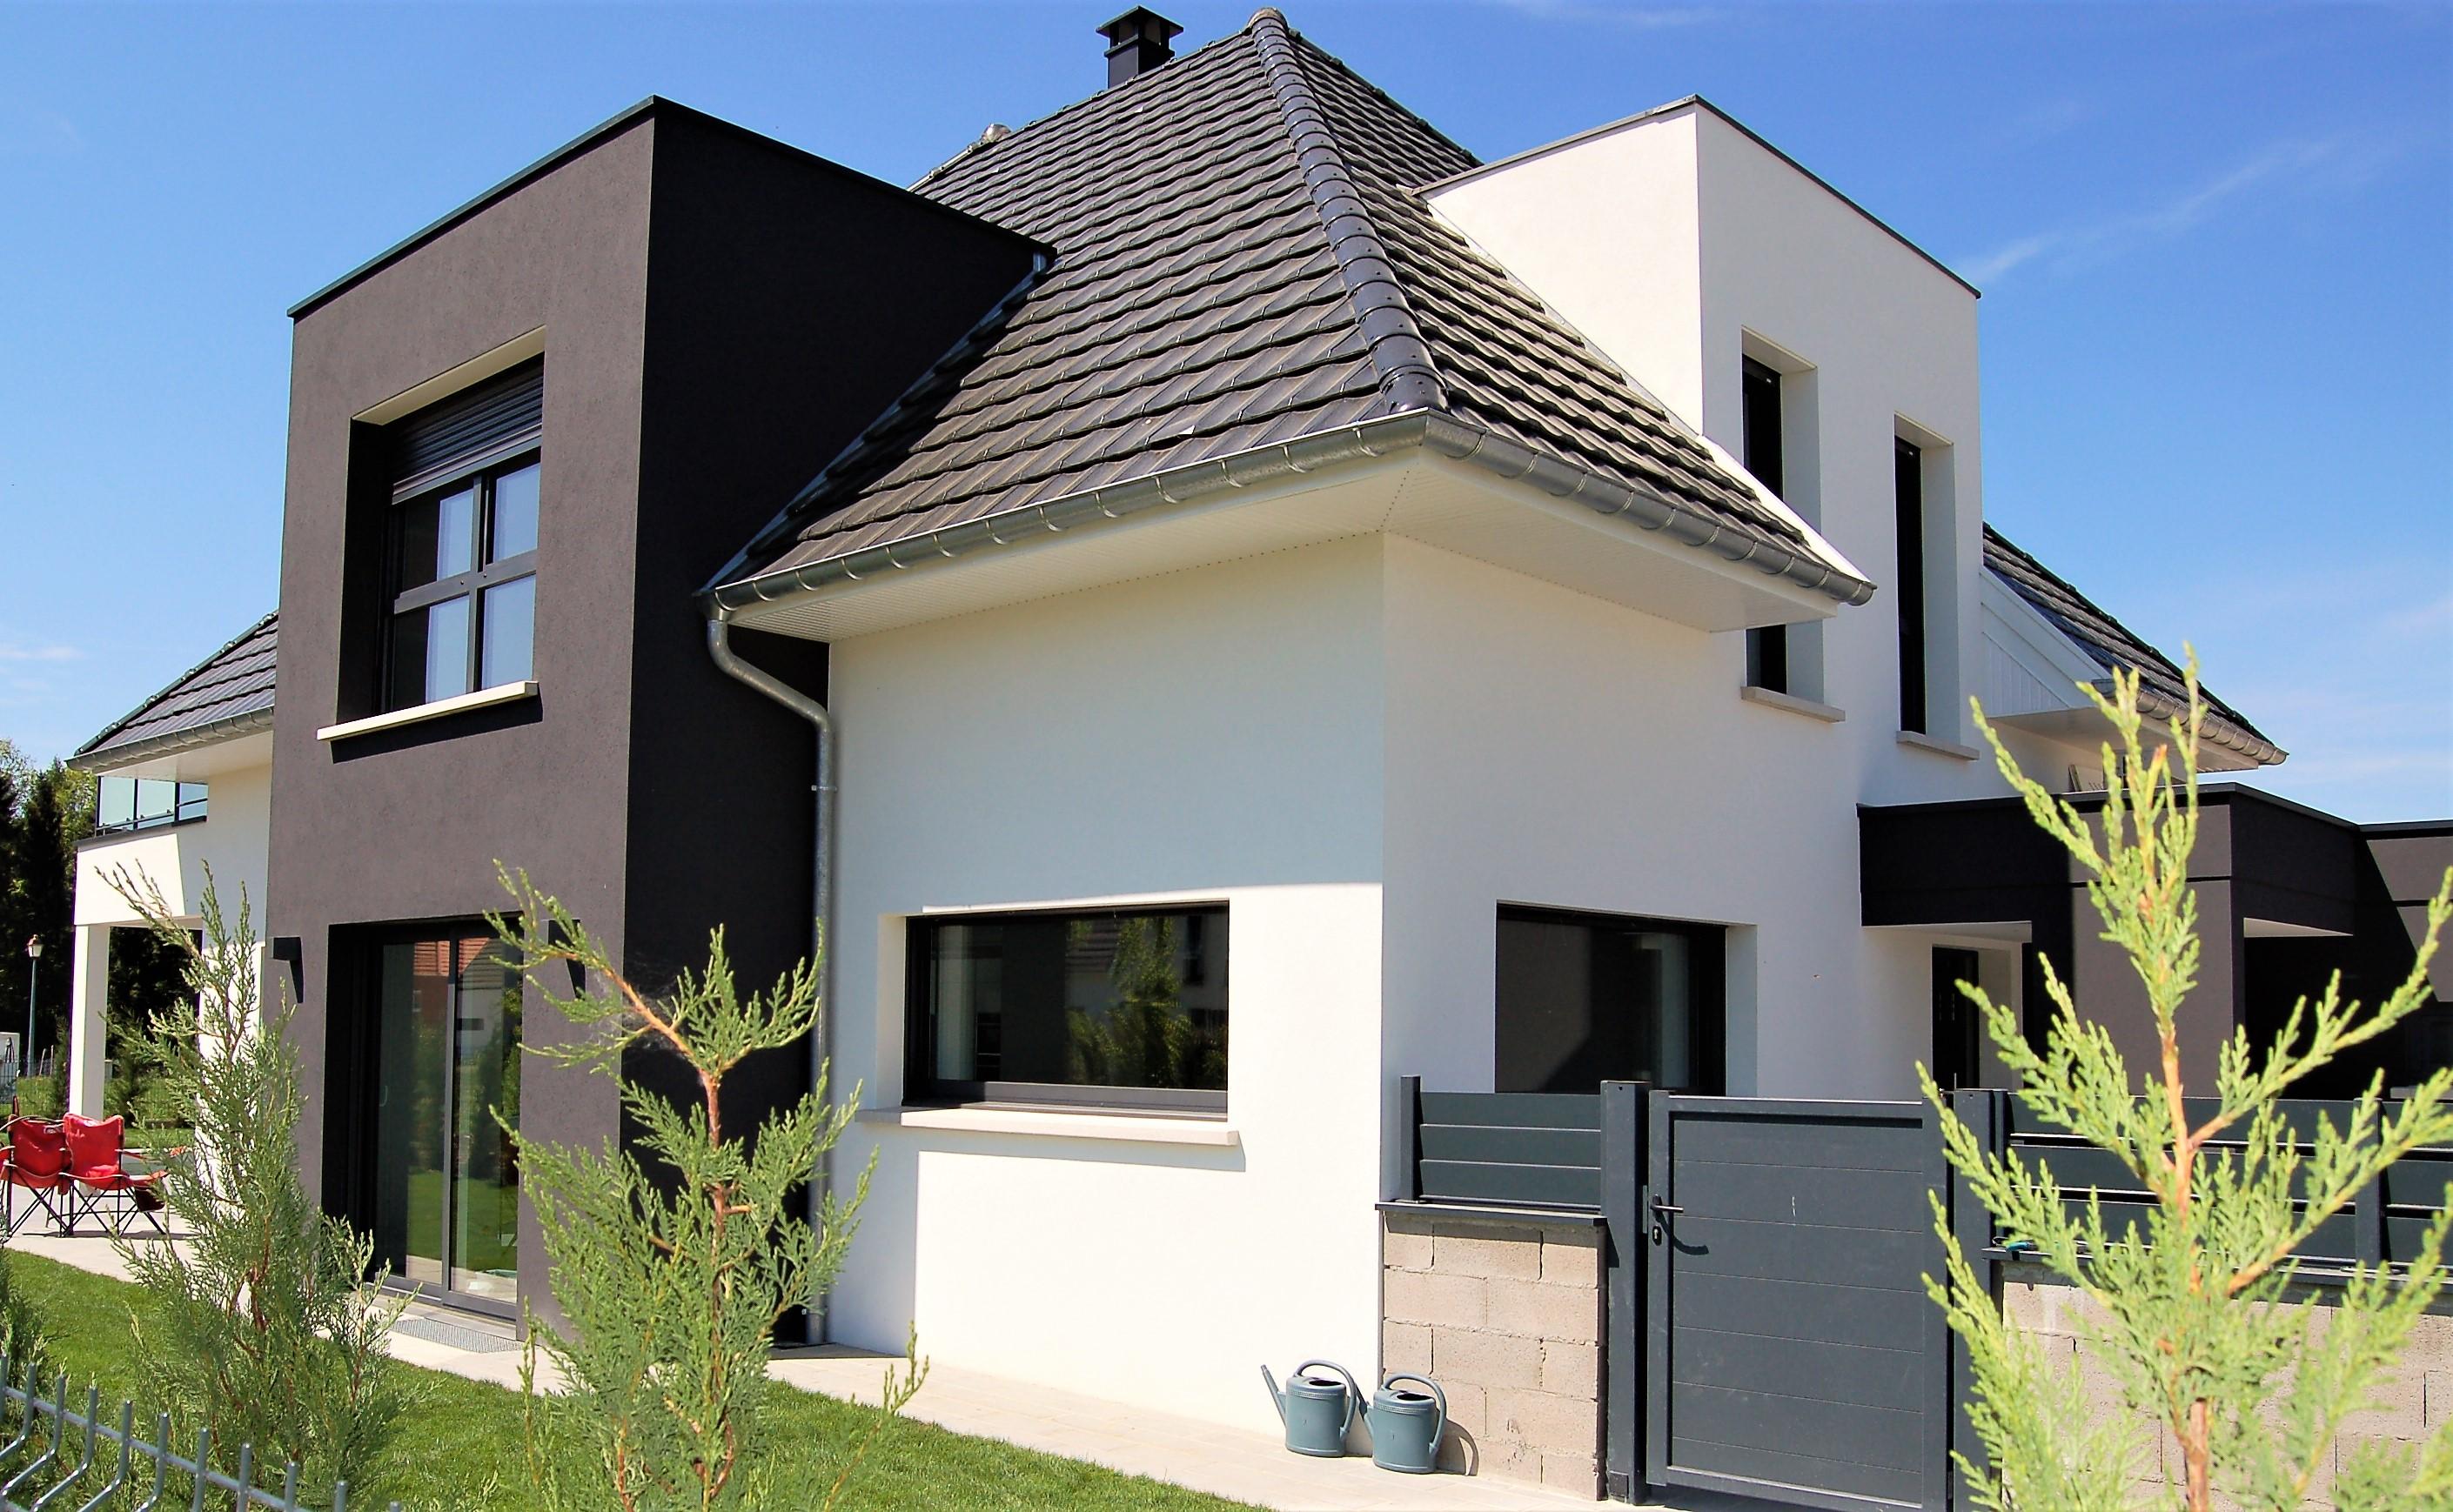 Construction maison contemporaine maisons begimaisons begi for Construction contemporaine